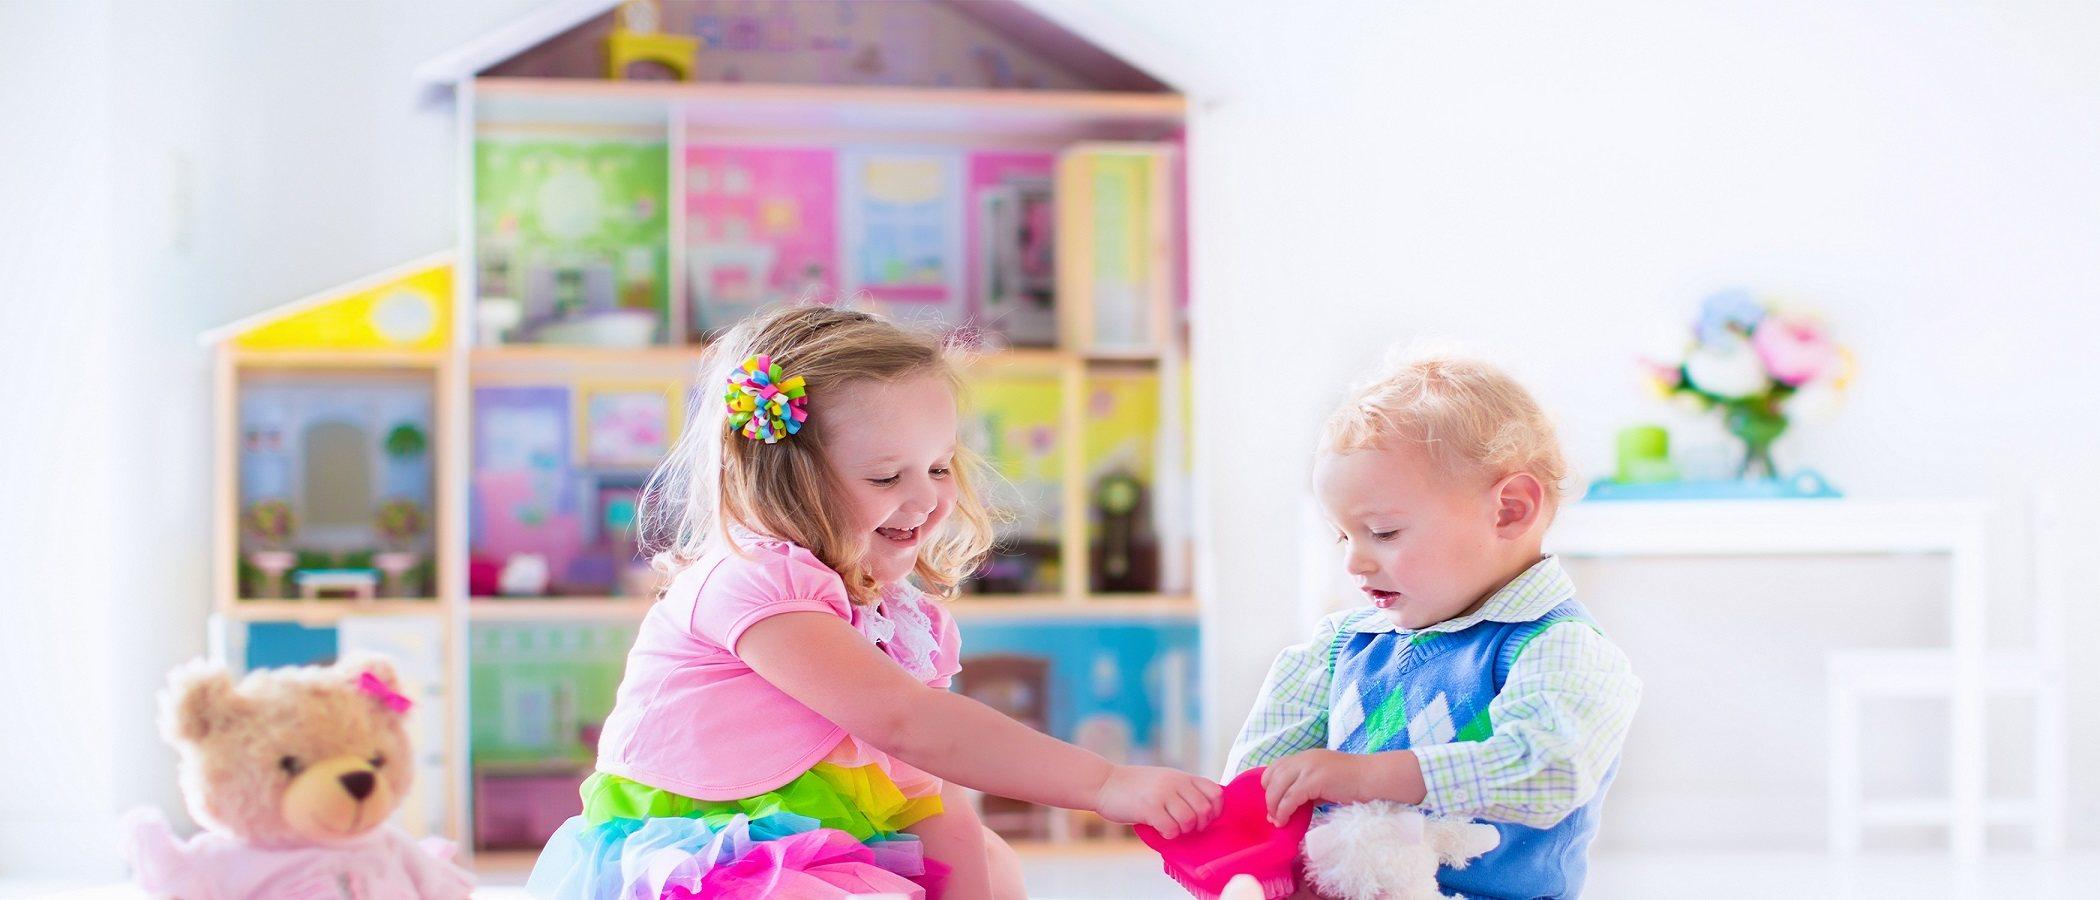 Qué pasa si tu hijo juega con muñecas